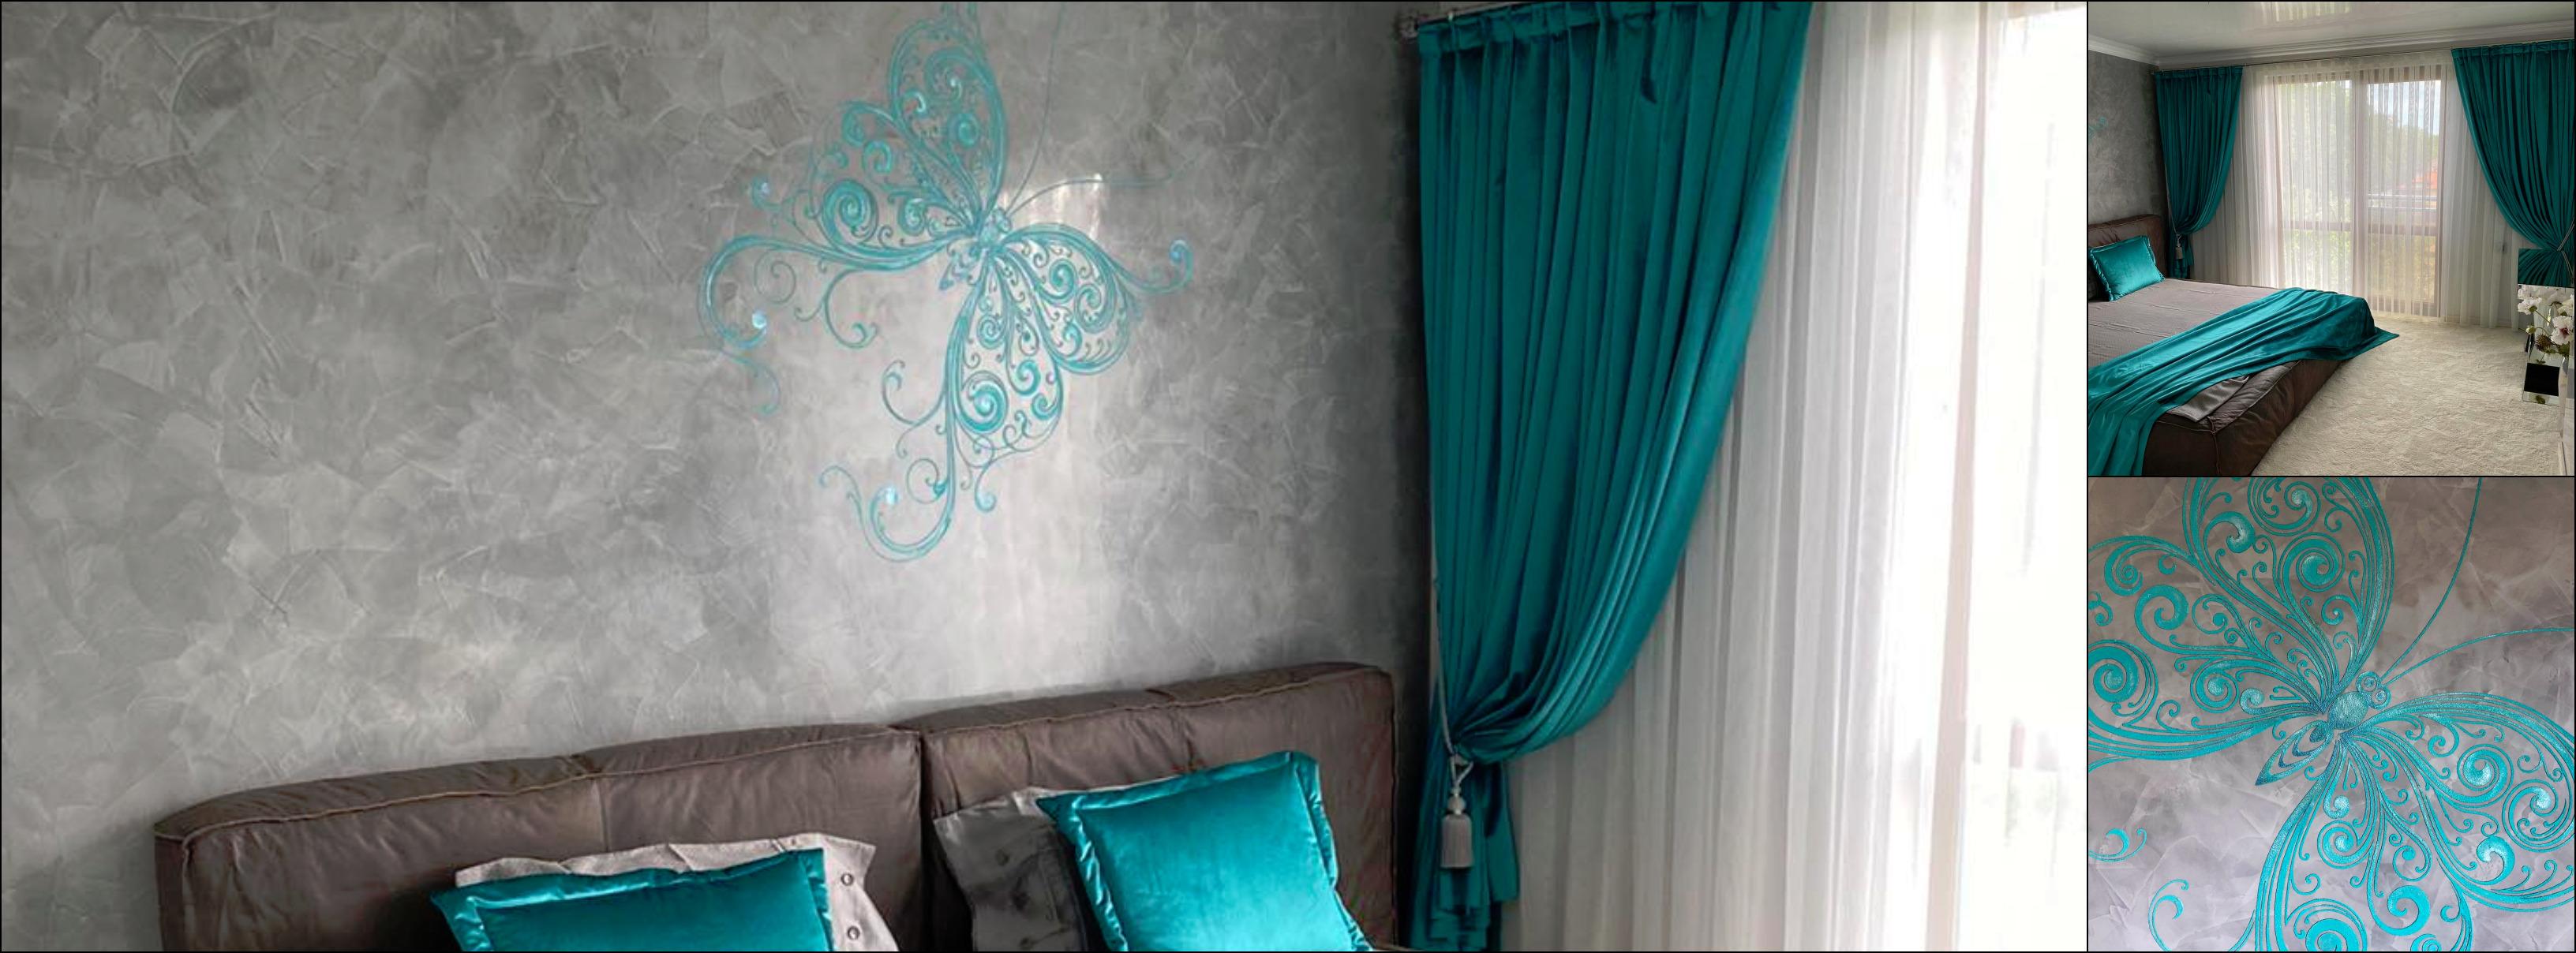 Декорация на пеперуди с италианска мазилка в зелен нюанс Артра полагане мазилка майстор